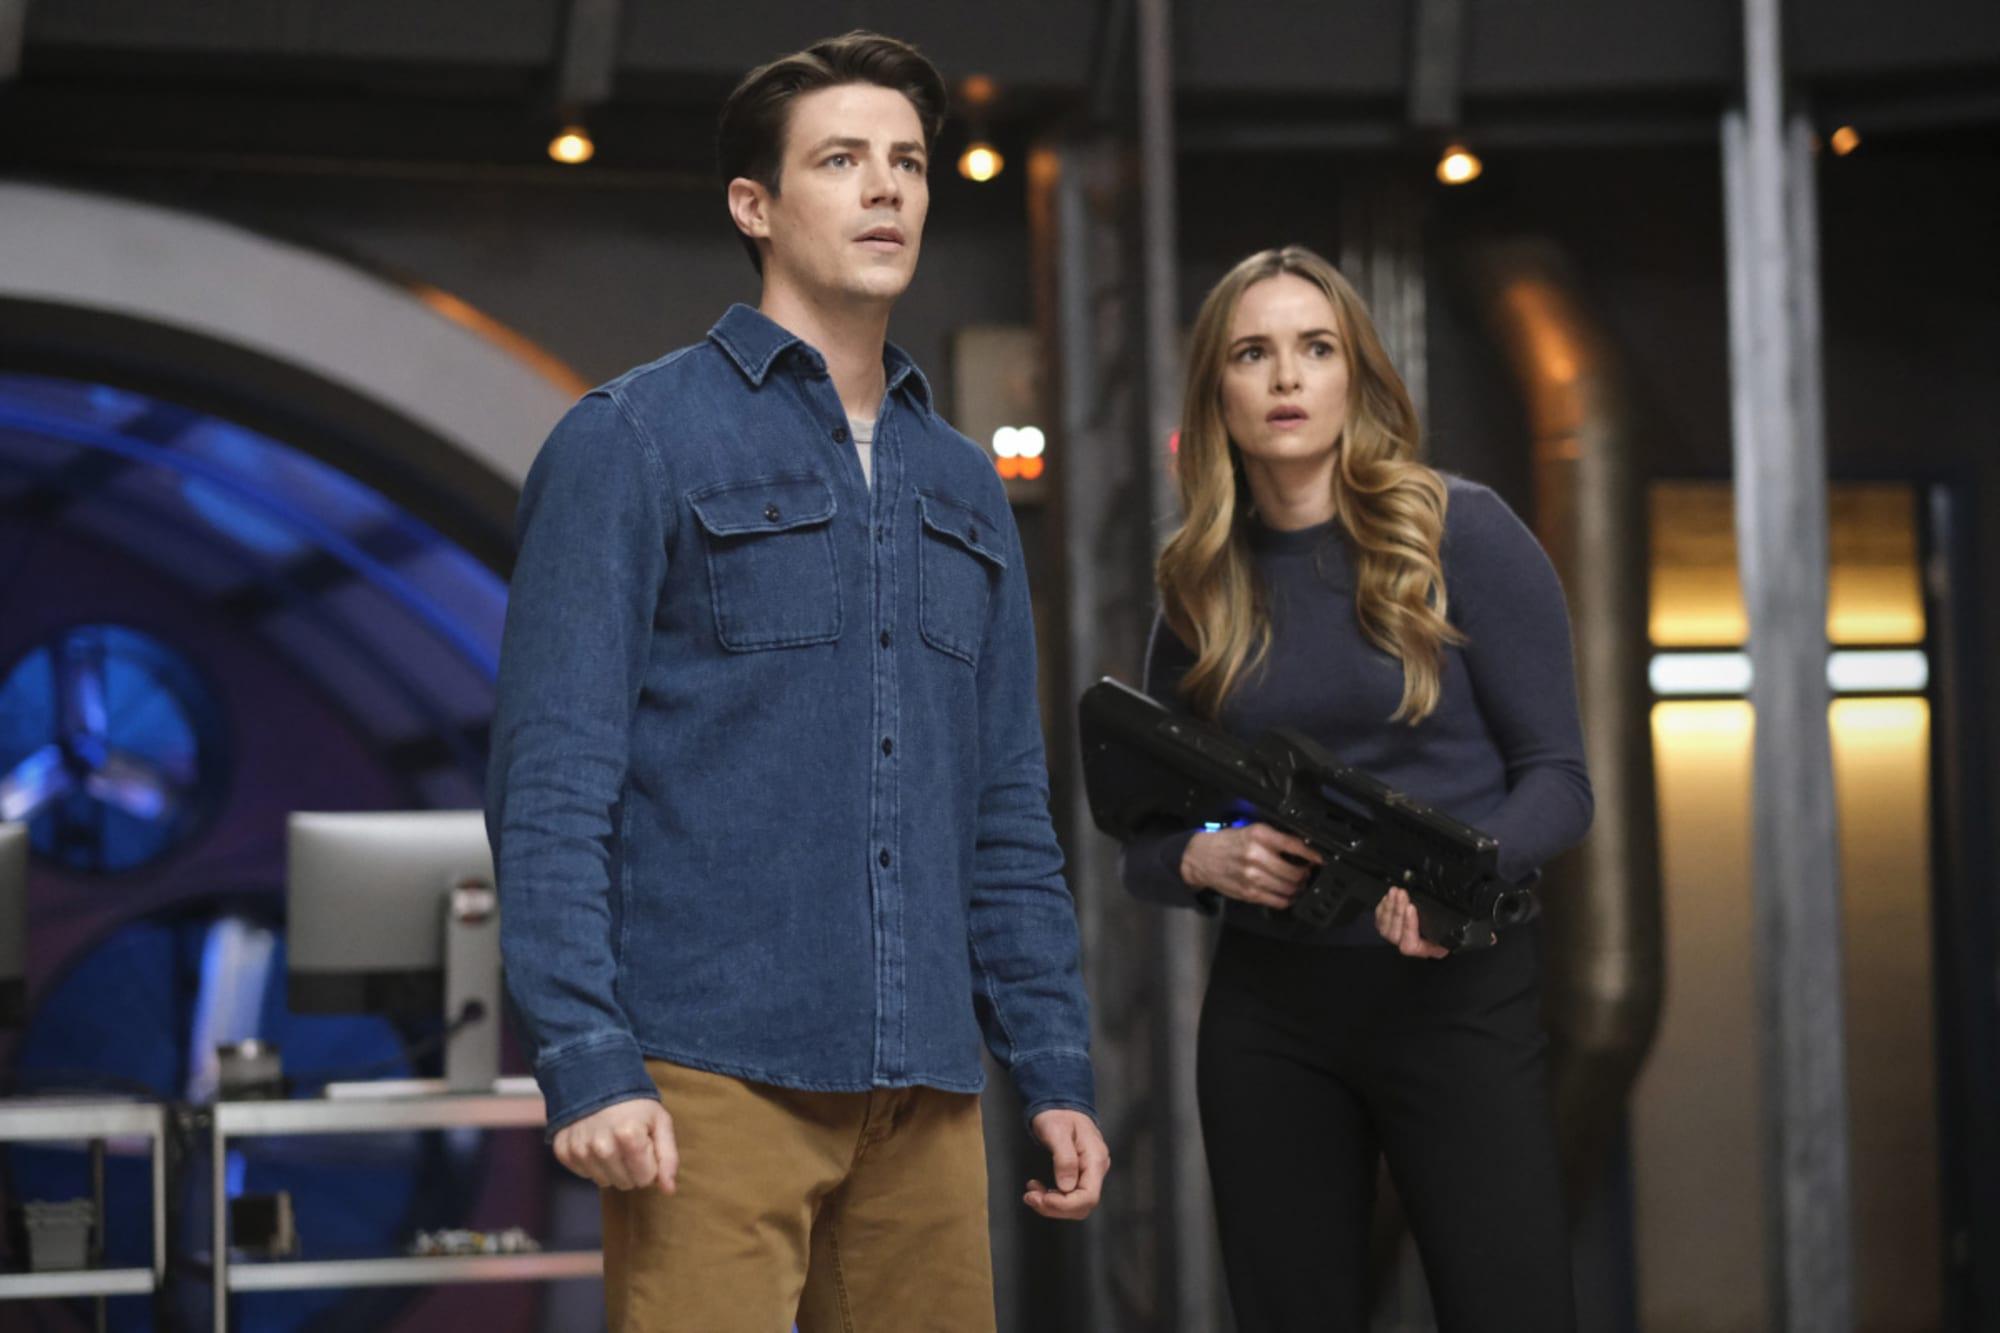 The Flash season 7, episode 10 live stream: Watch online